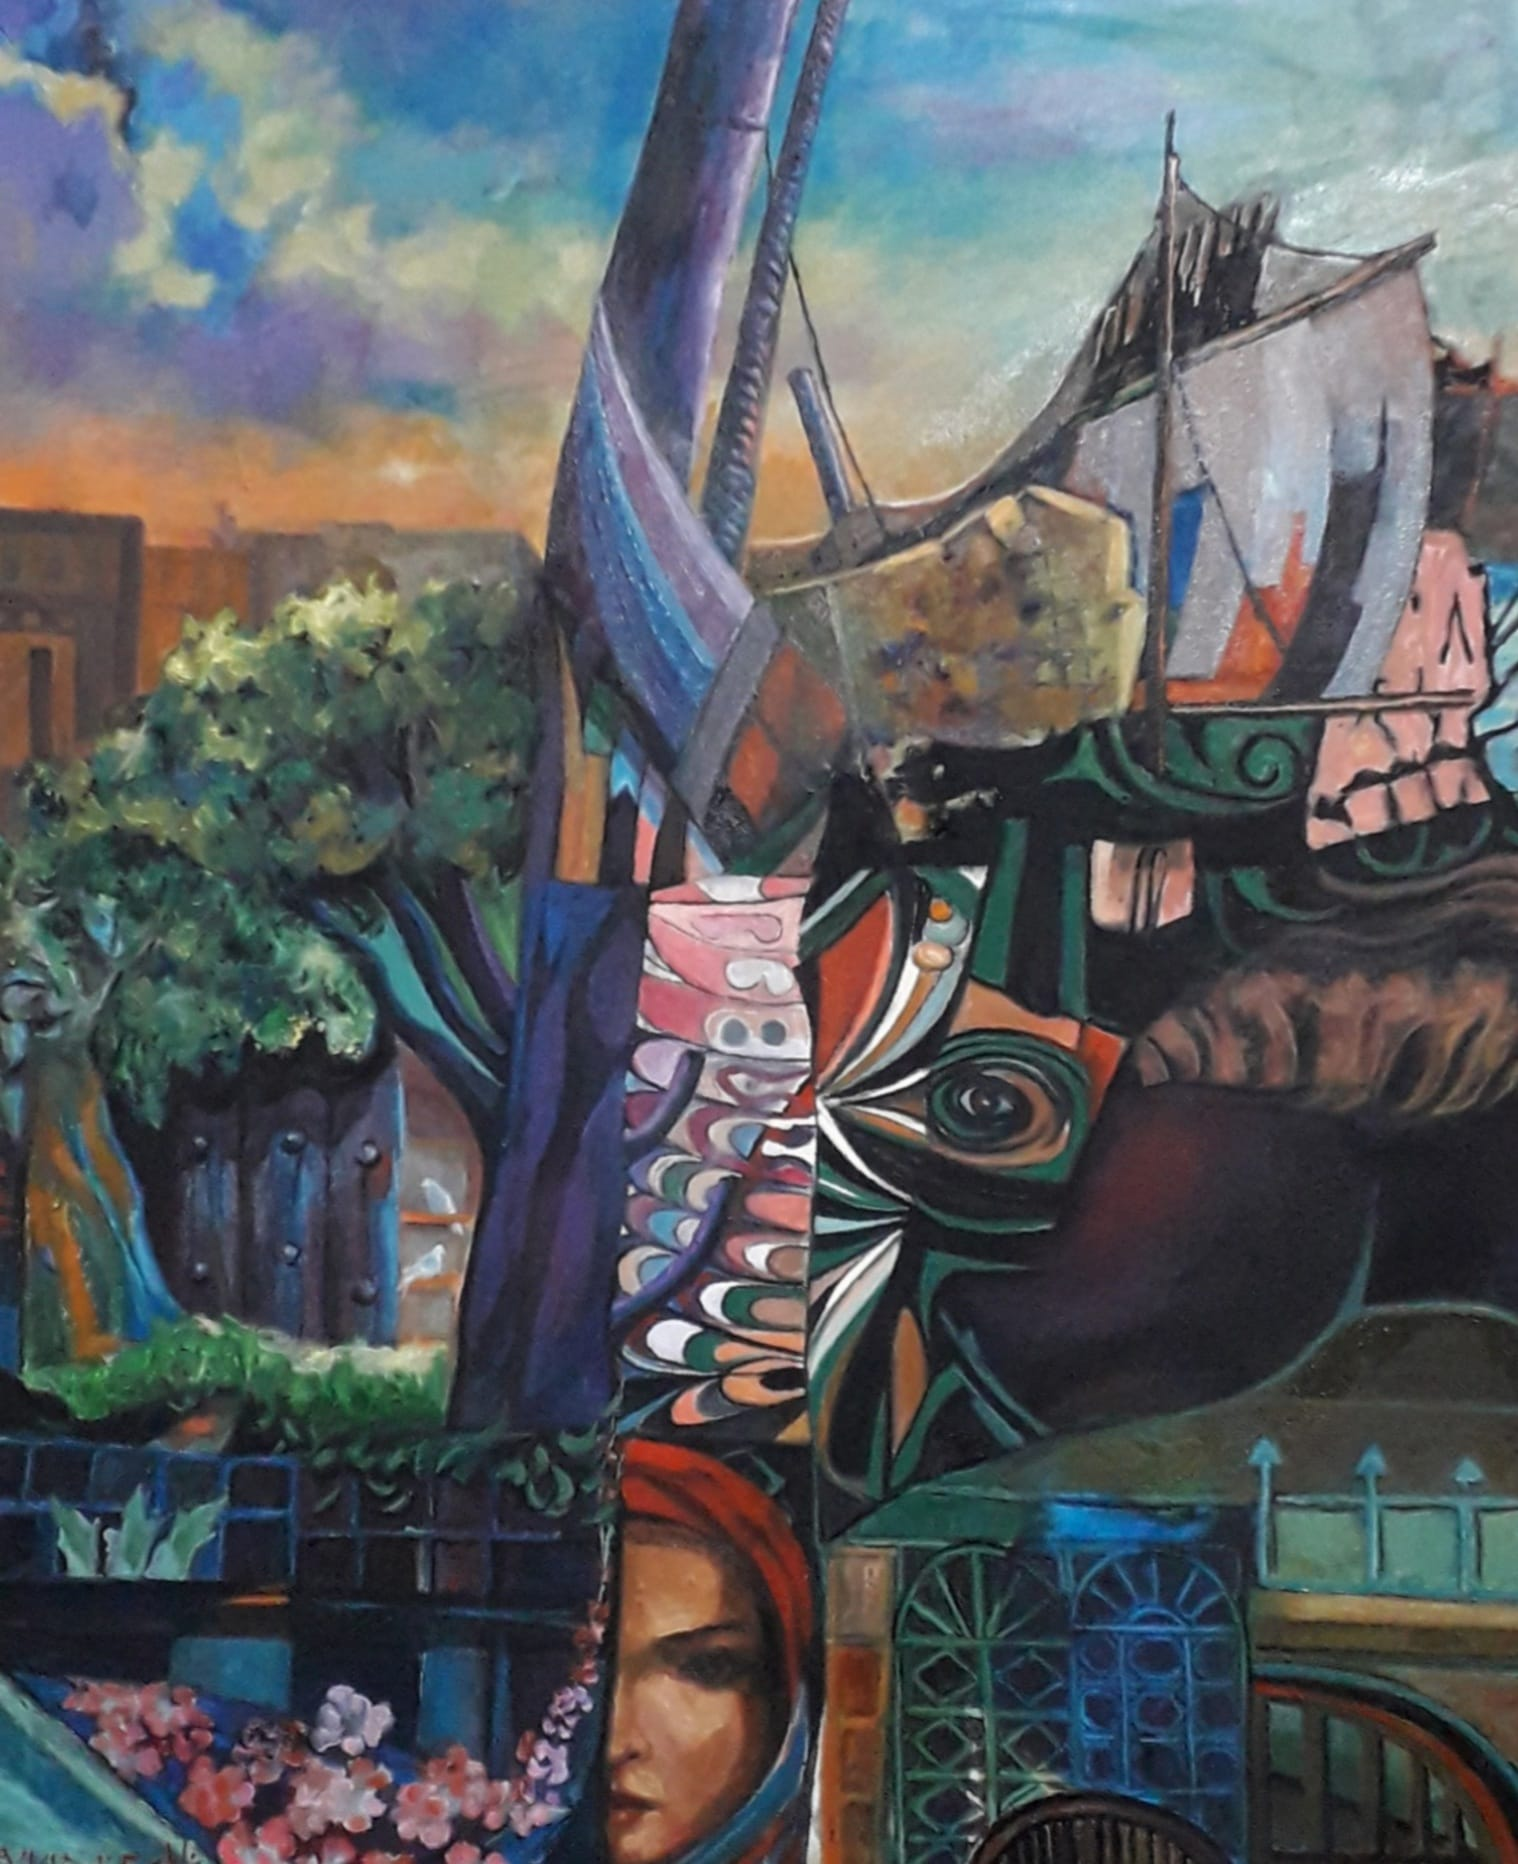 الفنان التشكيلي العراقي . ناطق عزيز